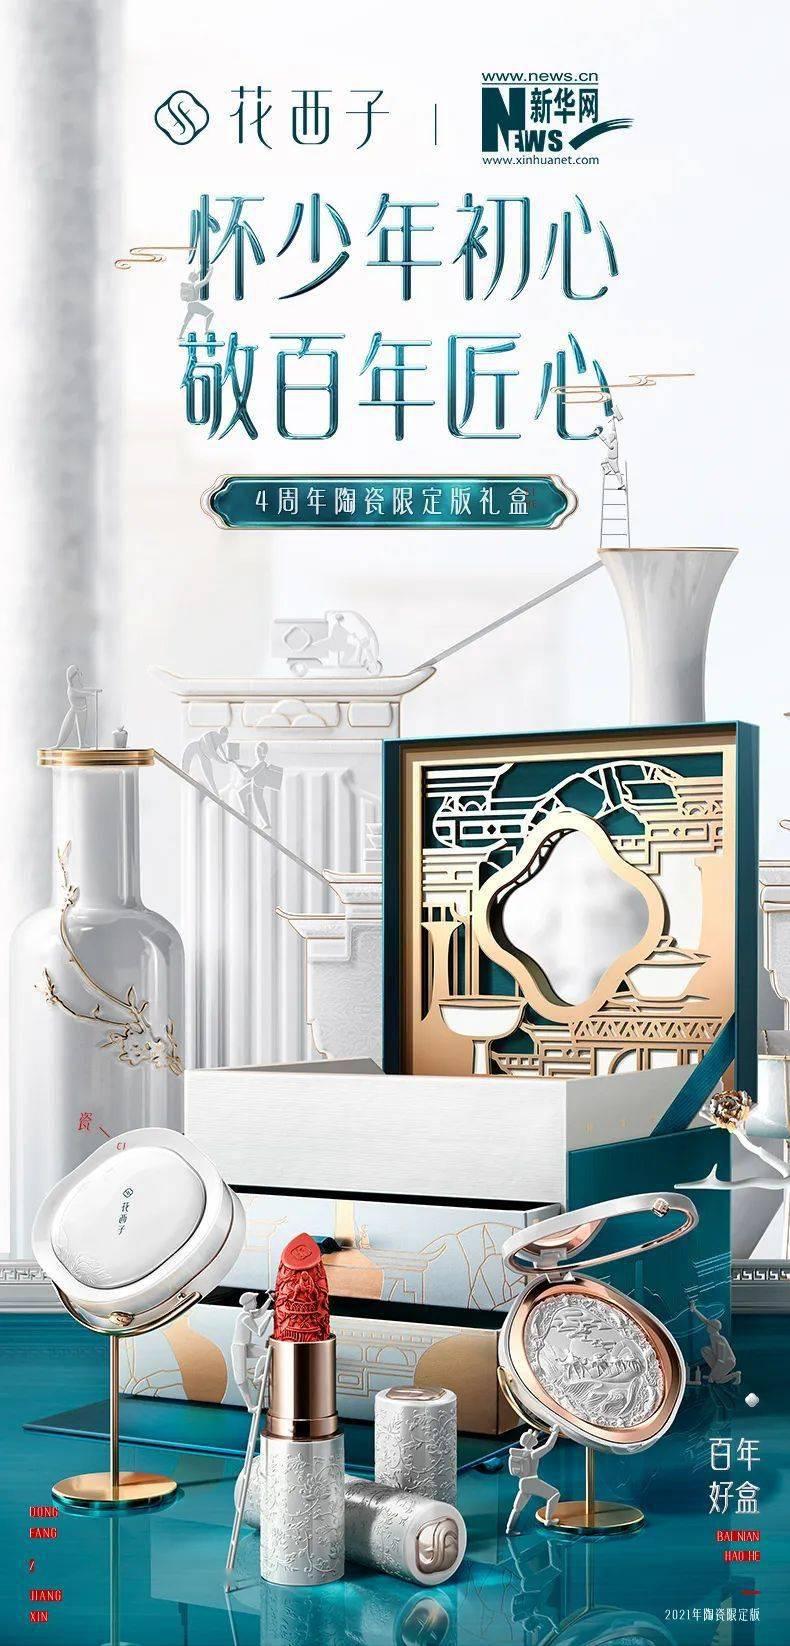 花西子联名新华网 推出陶瓷限定版彩妆礼盒